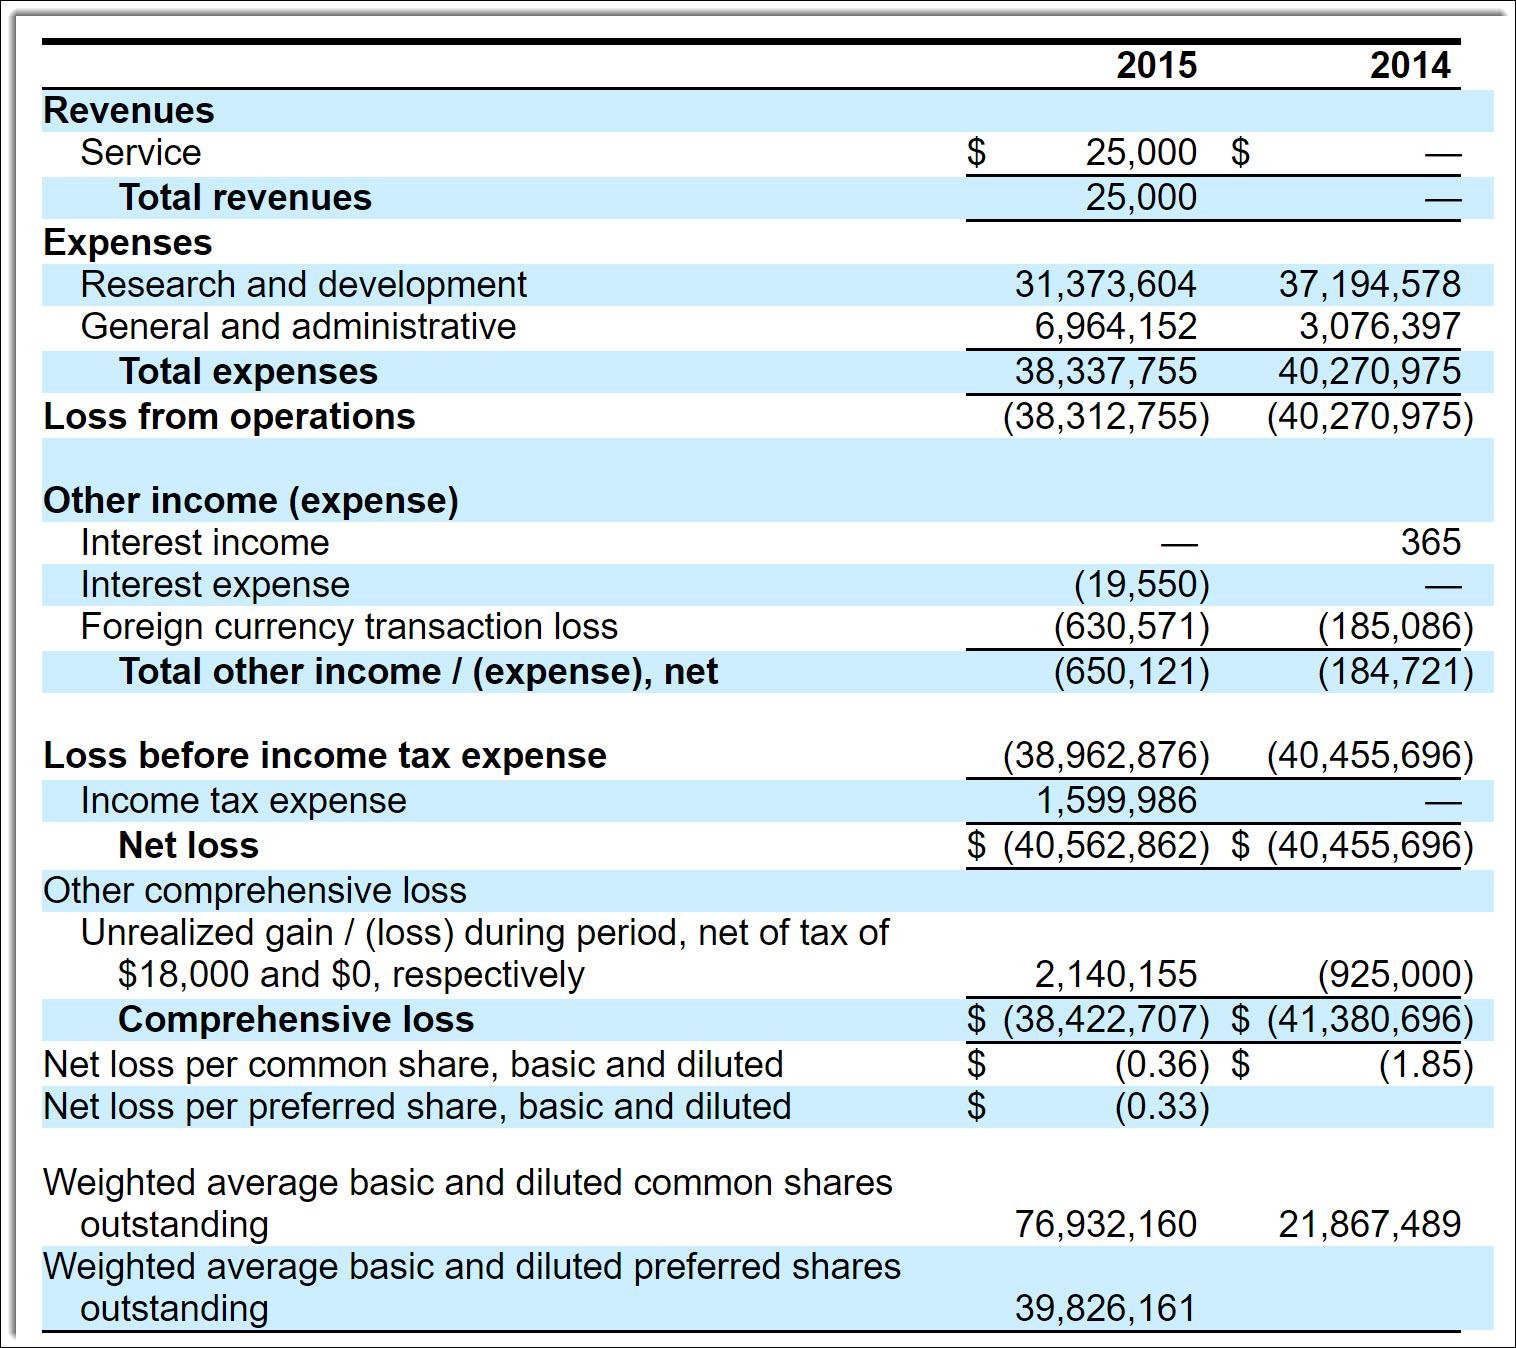 braeburn pharmaceuticals stock Braeburn Pharmaceuticals Looks To Raise $150 Million IPO - Braeburn ...